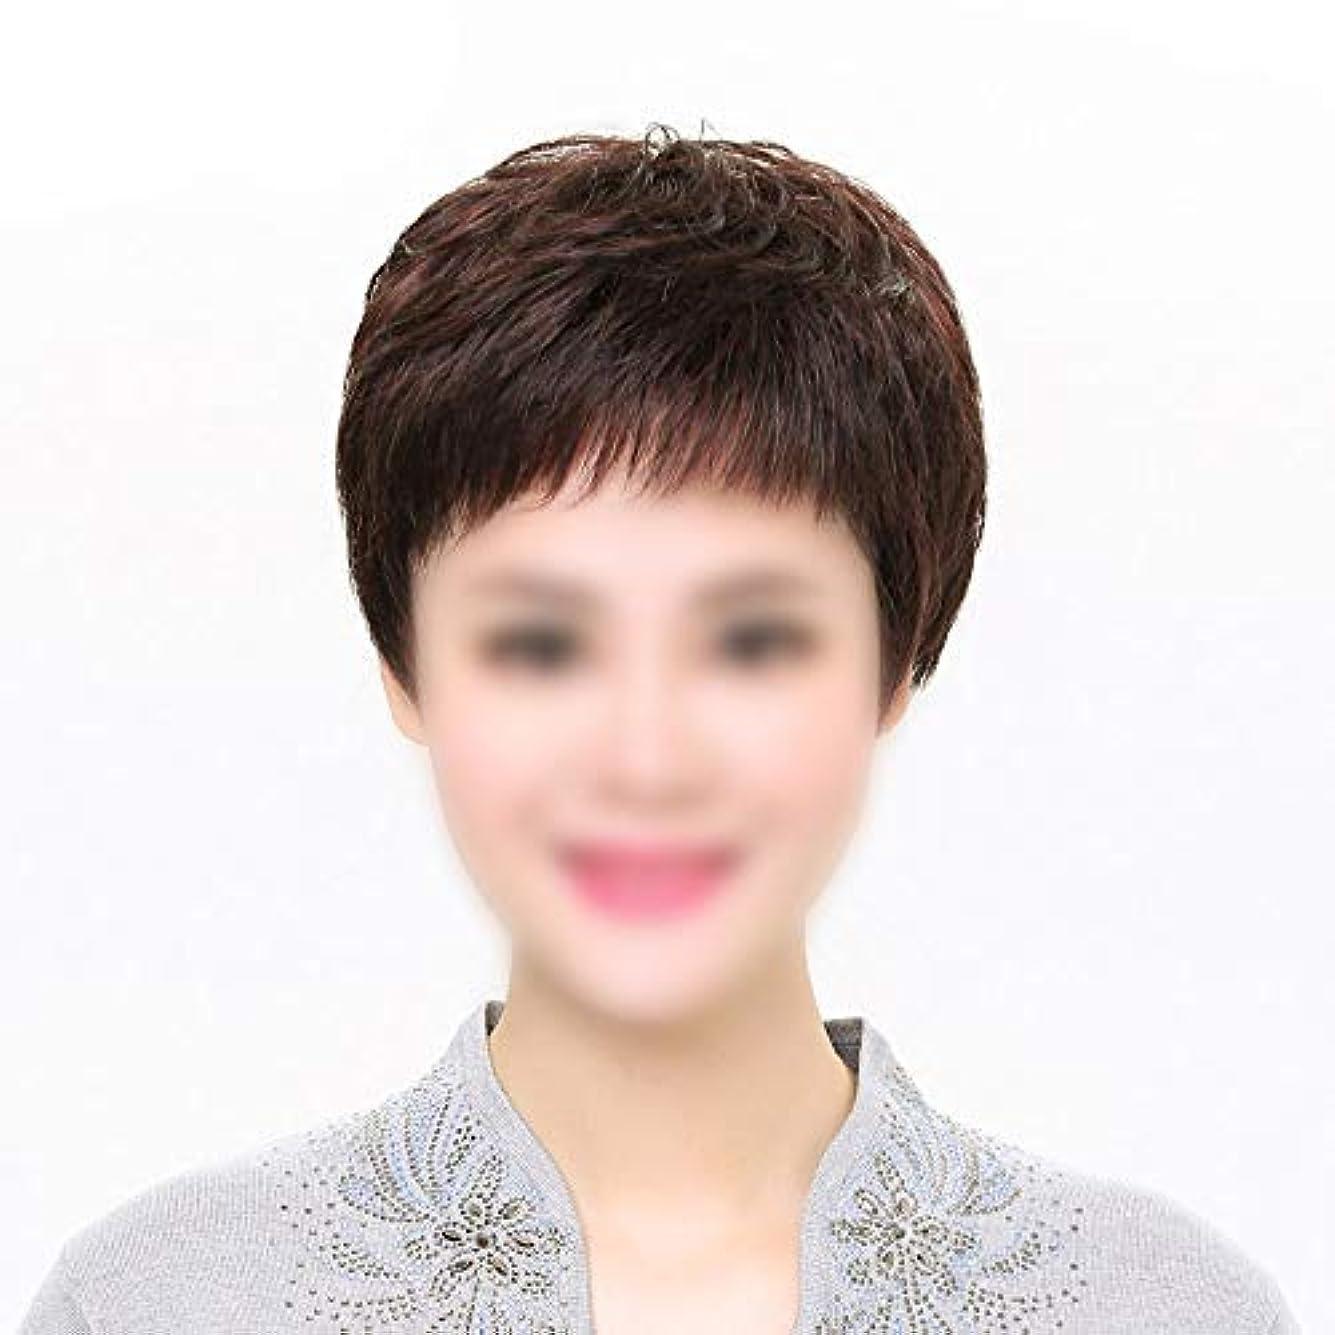 エコー不変トライアスリートYOUQIU 女性のかつらのために前髪人毛かつら、100%本物の人間の髪の毛無料パートショートスタイリッシュなウィッグ (色 : 黒, Edition : Mechanism)